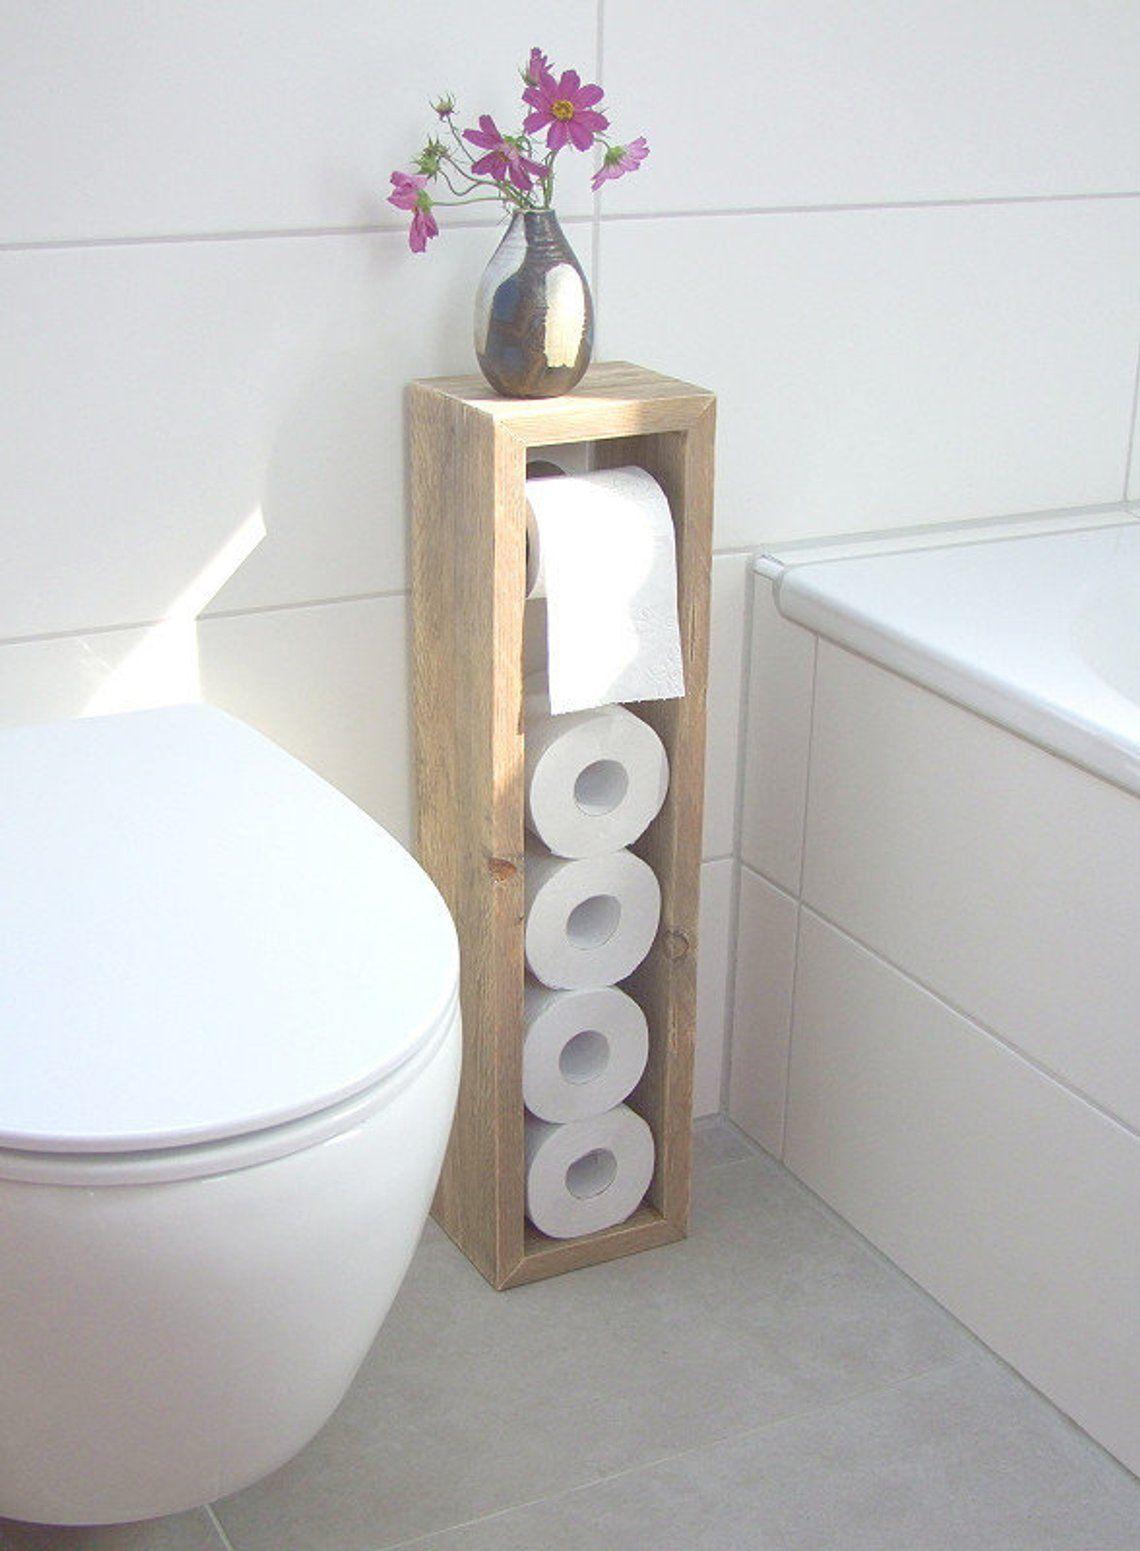 Toilettenpapierhalter Toilettenpapierstander Klopapierhalter Toilet Paper Holder Klorollenhalter Toilettenpapier Halterung Klorollenhalter Und Klopapierhalter